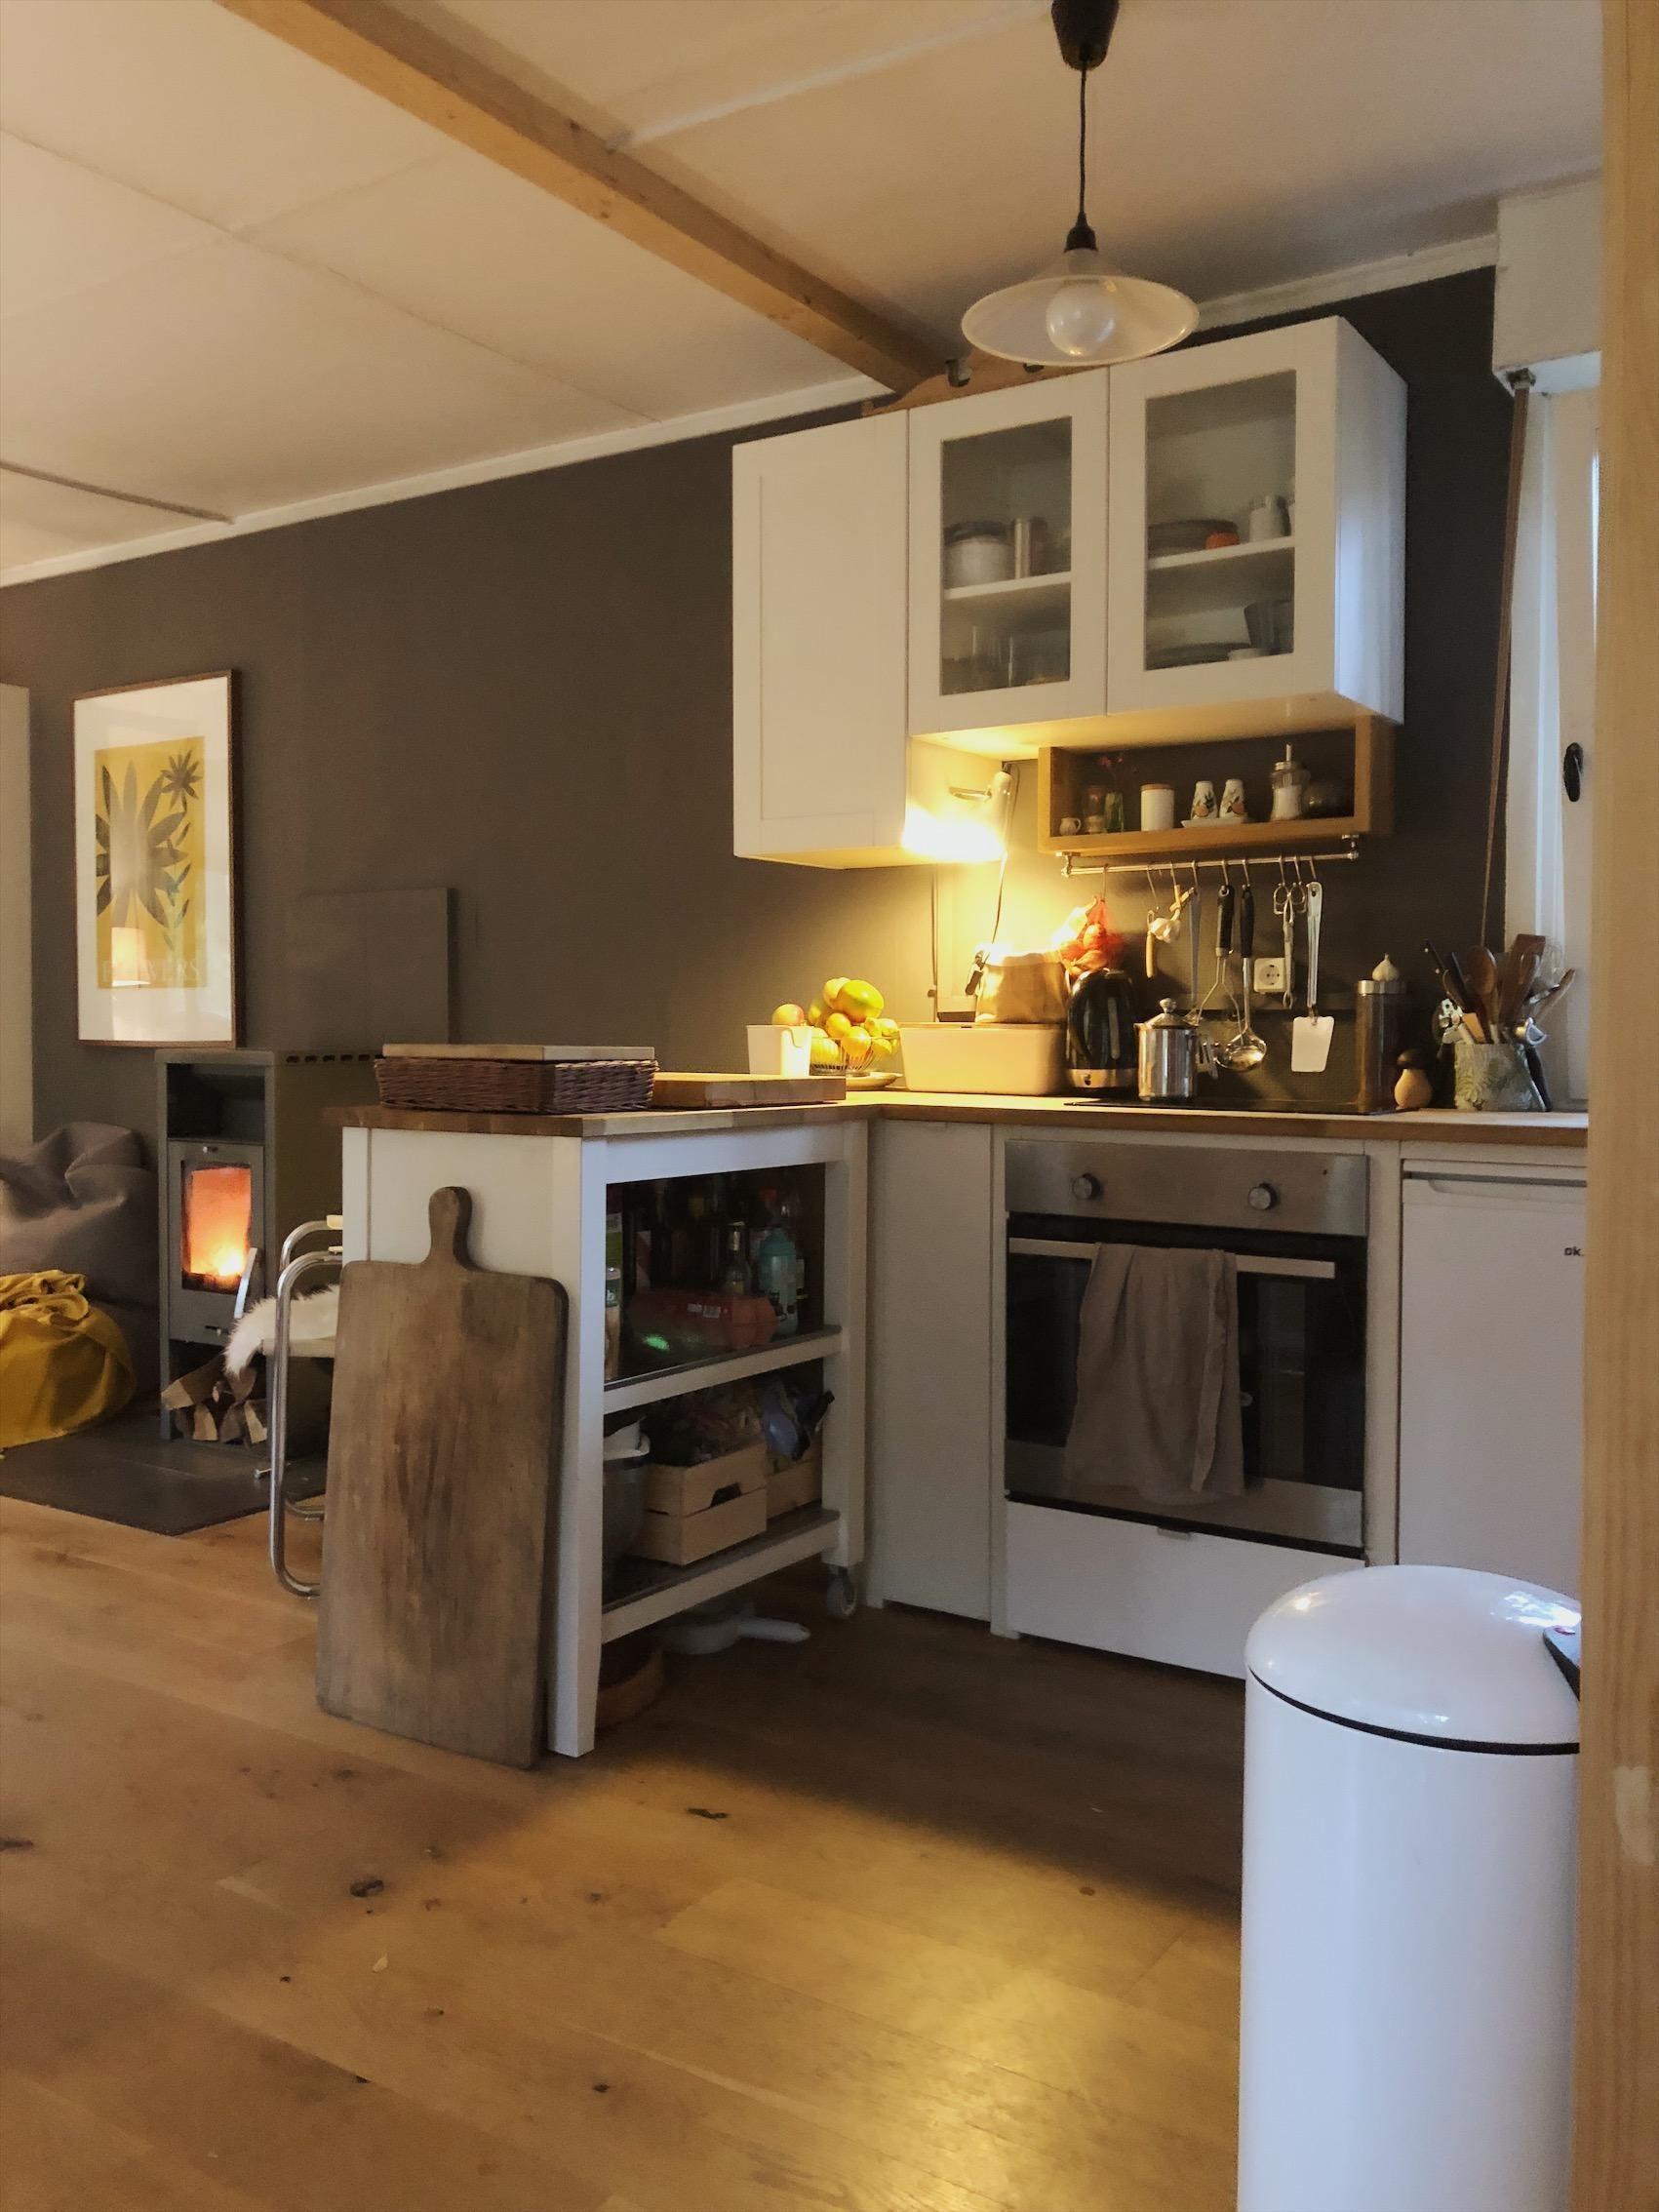 tiny house klein aber fein einrichten so geht 39 s. Black Bedroom Furniture Sets. Home Design Ideas